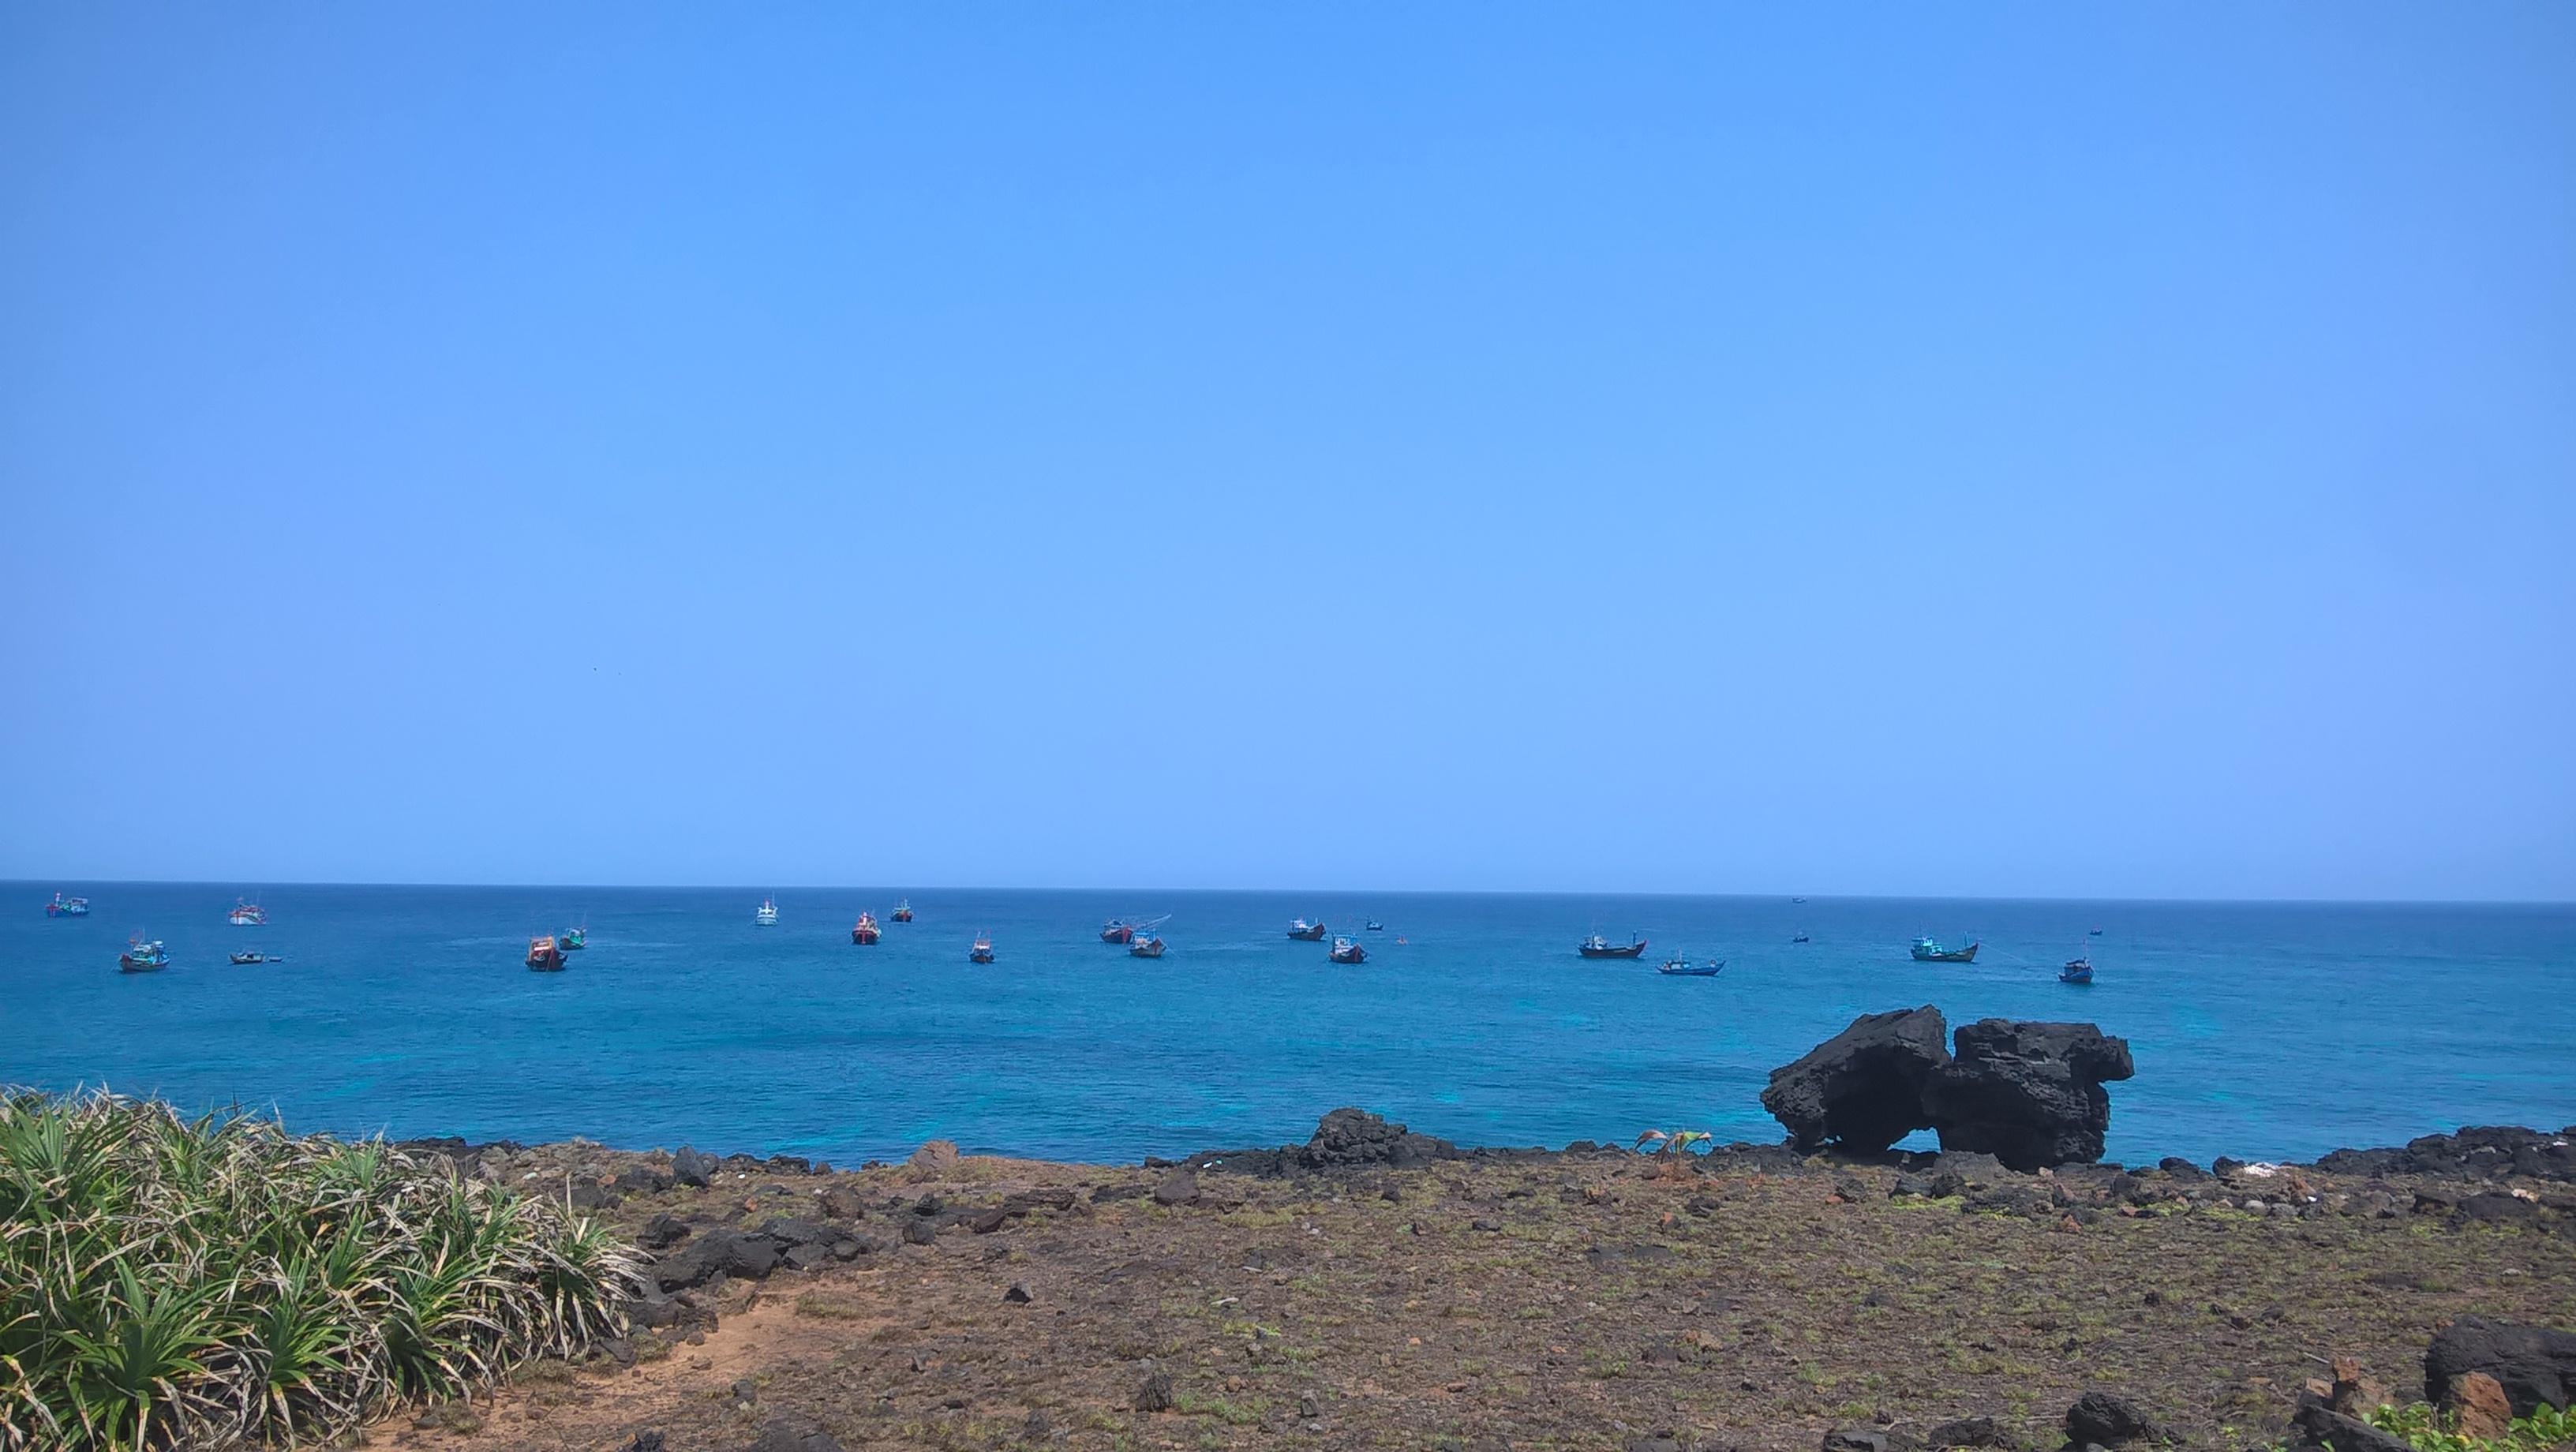 Màu xanh đặc trưng của biển và trời